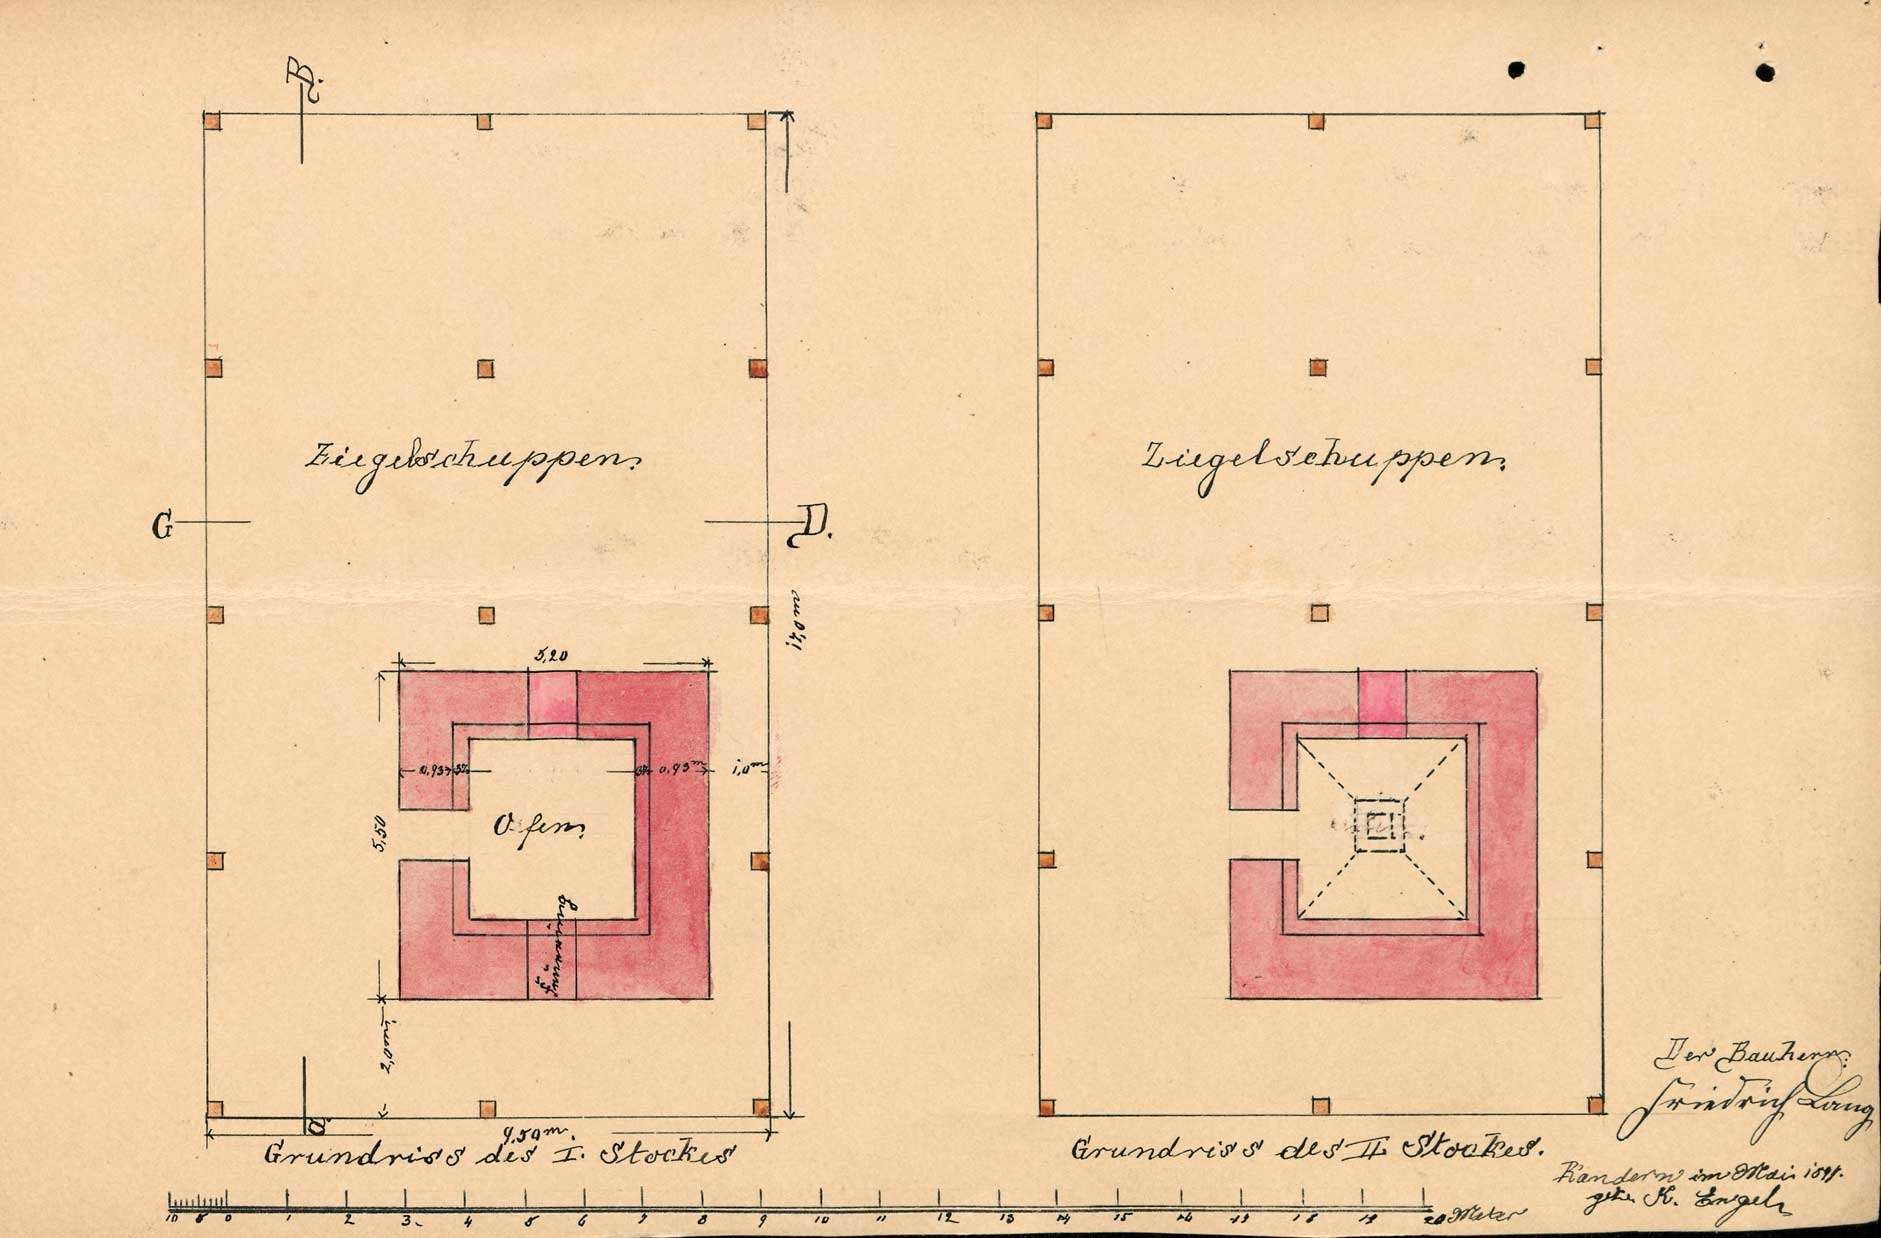 Errichtung eines Ziegeleigebäudes mit Brennofen in Wollbach durch Friedrich Lang, Bild 2